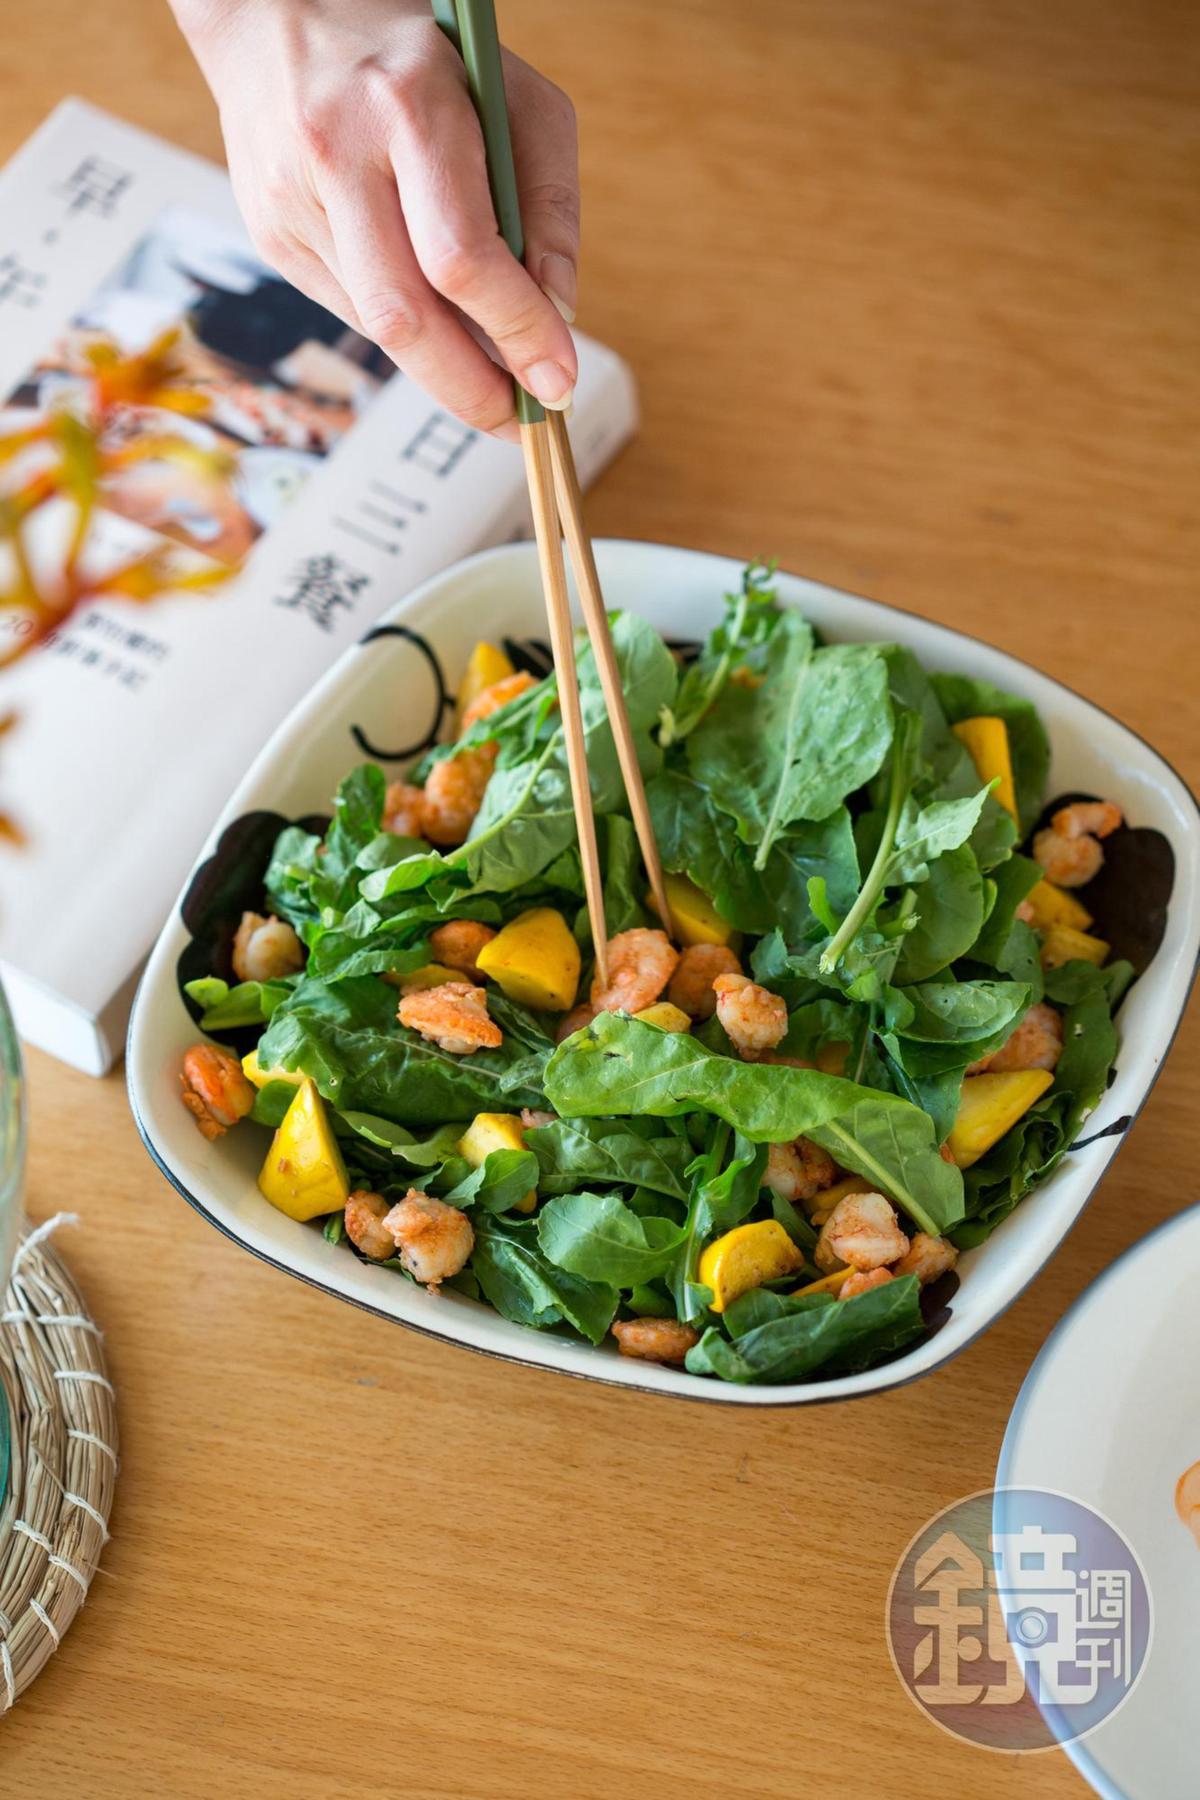 《日日三餐,早‧午‧晚:葉怡蘭的20年廚事手記》不僅是葉怡蘭日常料理的圖文輯,也是一本簡易操作的實用食譜。